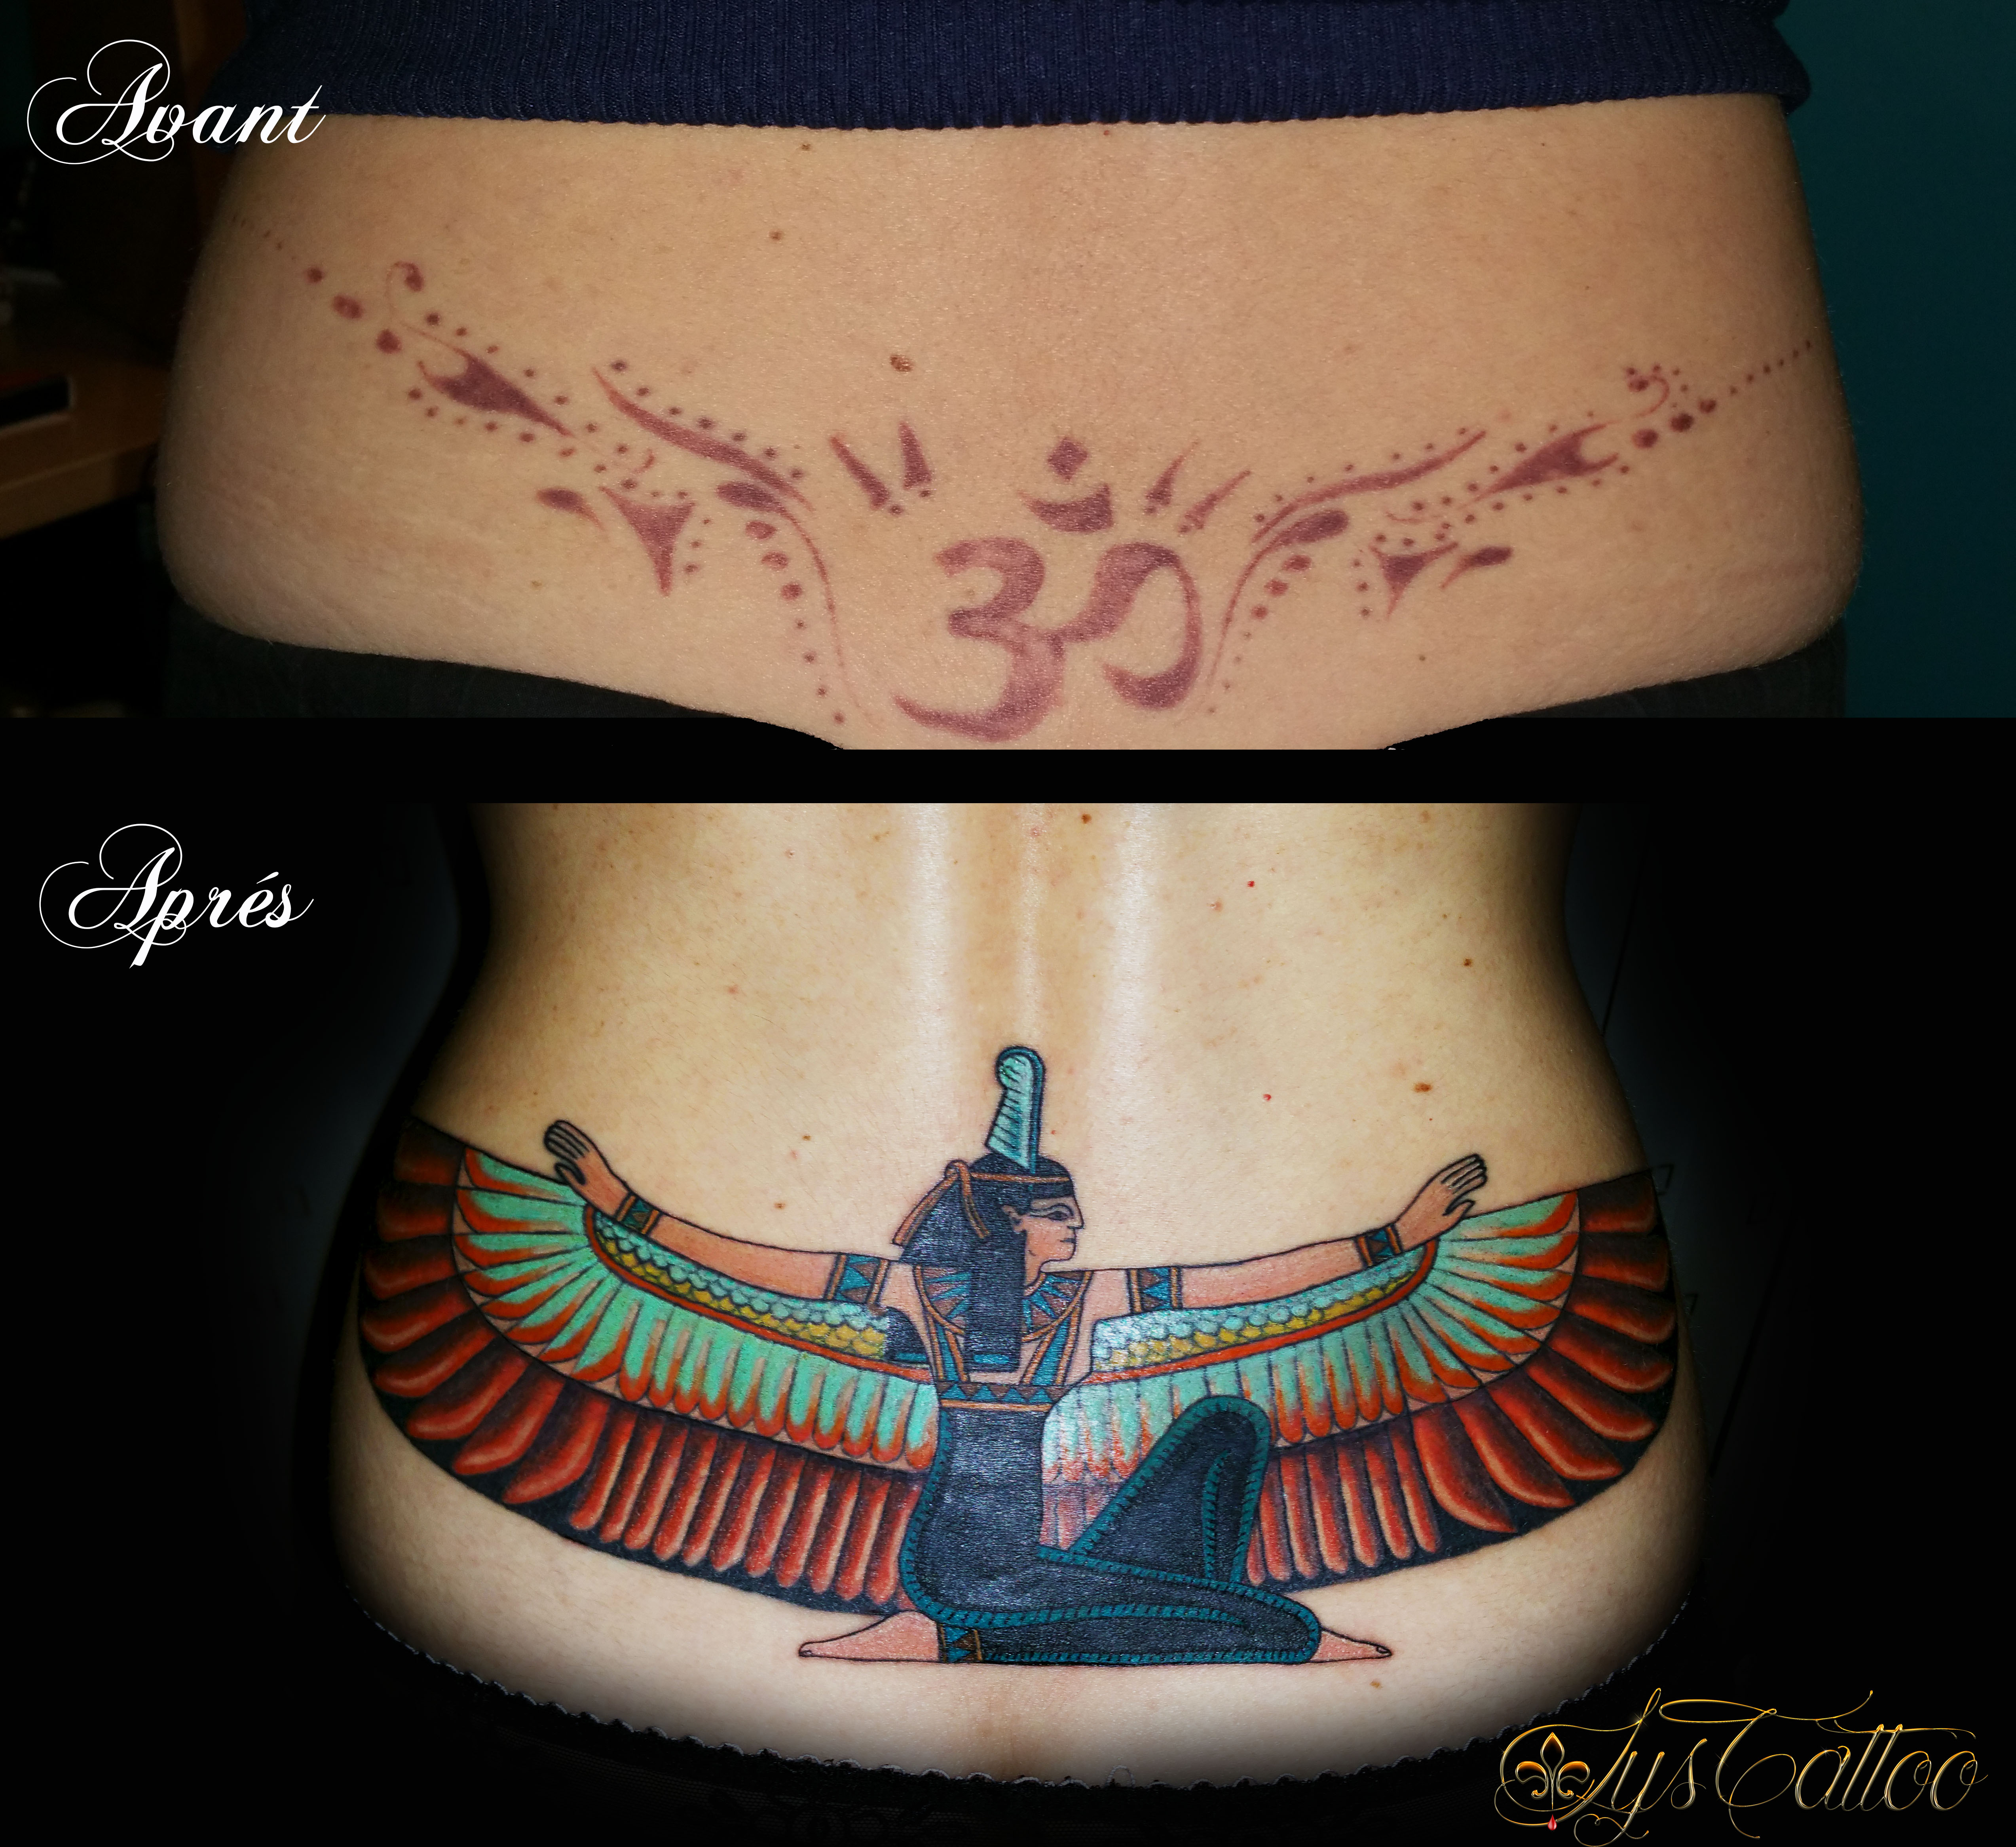 Tatouages Cover Recouvrir Un Ancien Tatouage Recouvrement